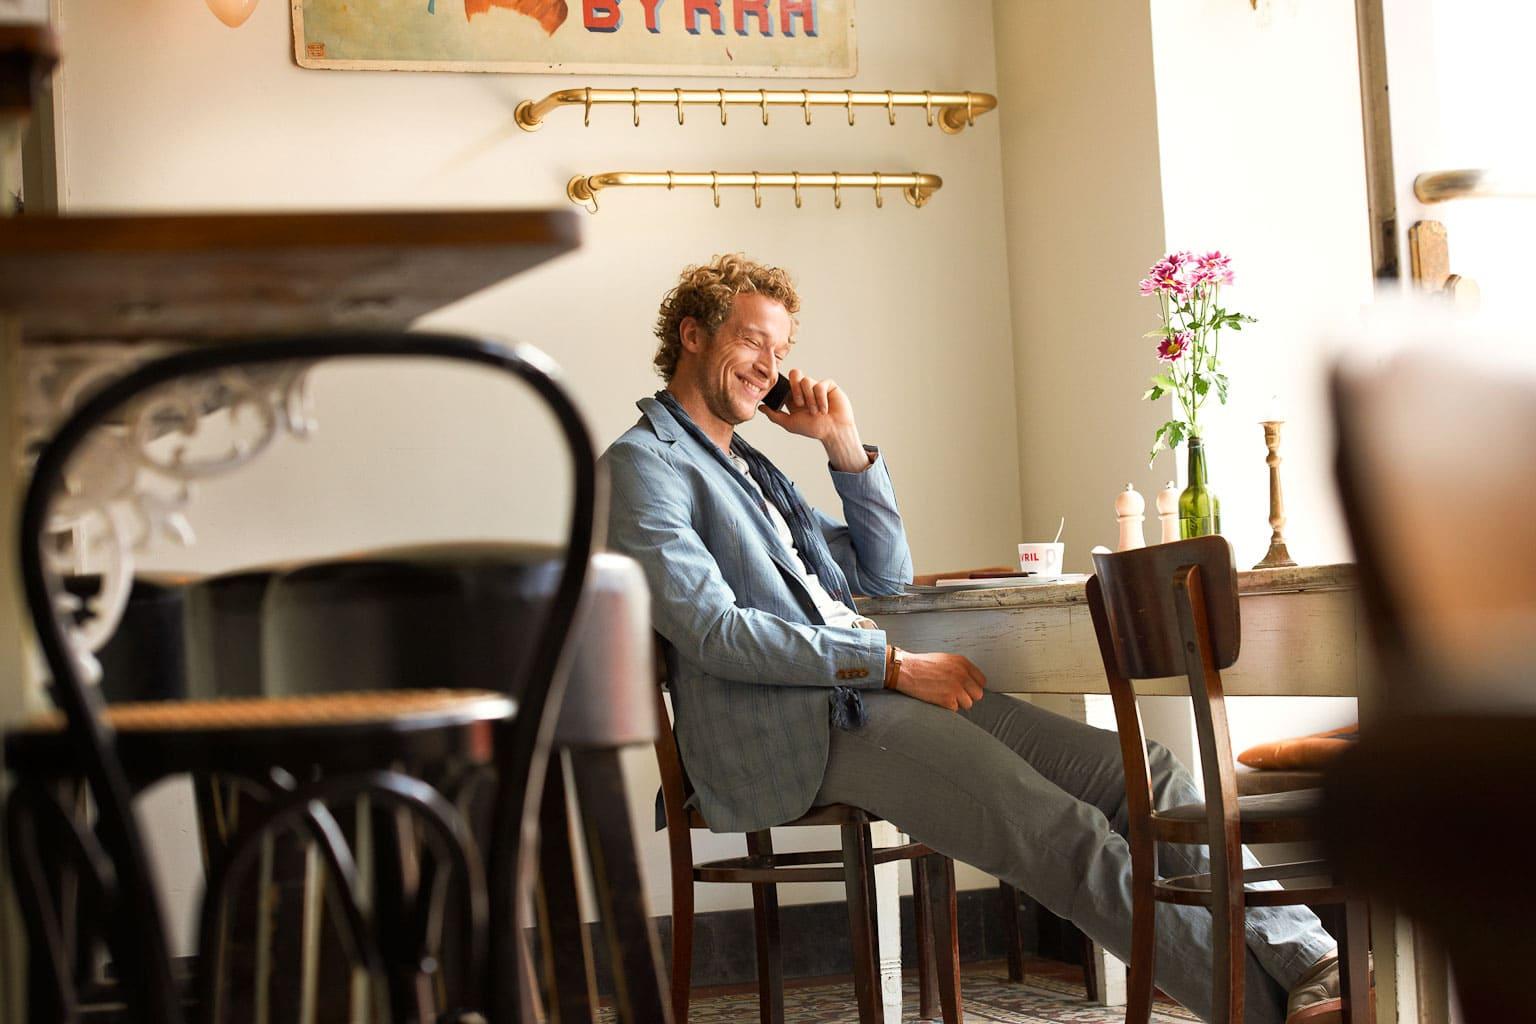 Portrait eines Mannes der in einem hellen Lokal auf einem Stuhl sitzend genüßlich telefoniert